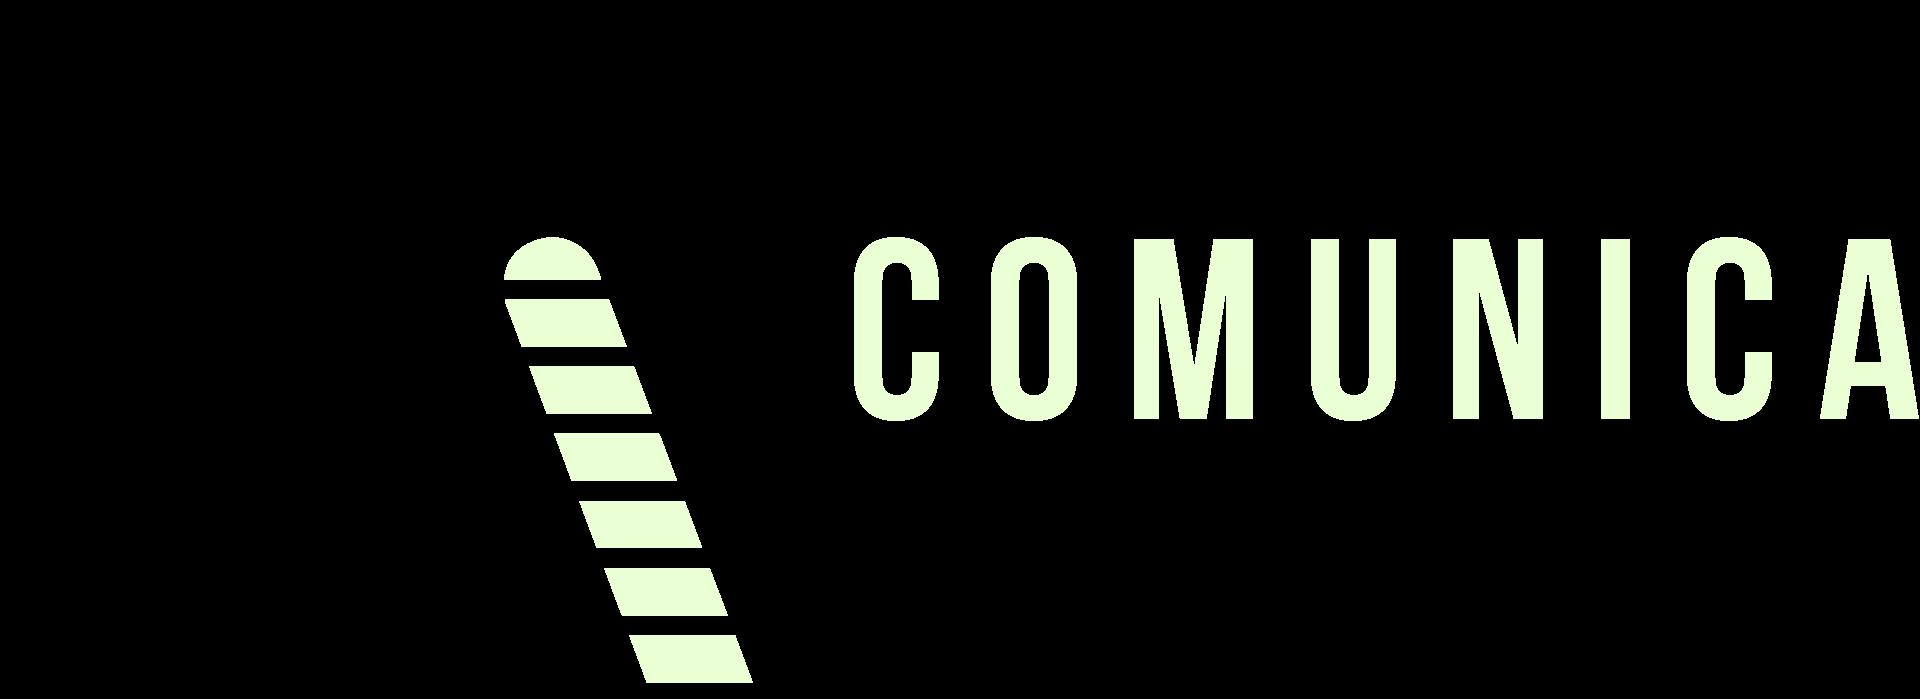 comunica-idea-creativa-witrade-communication